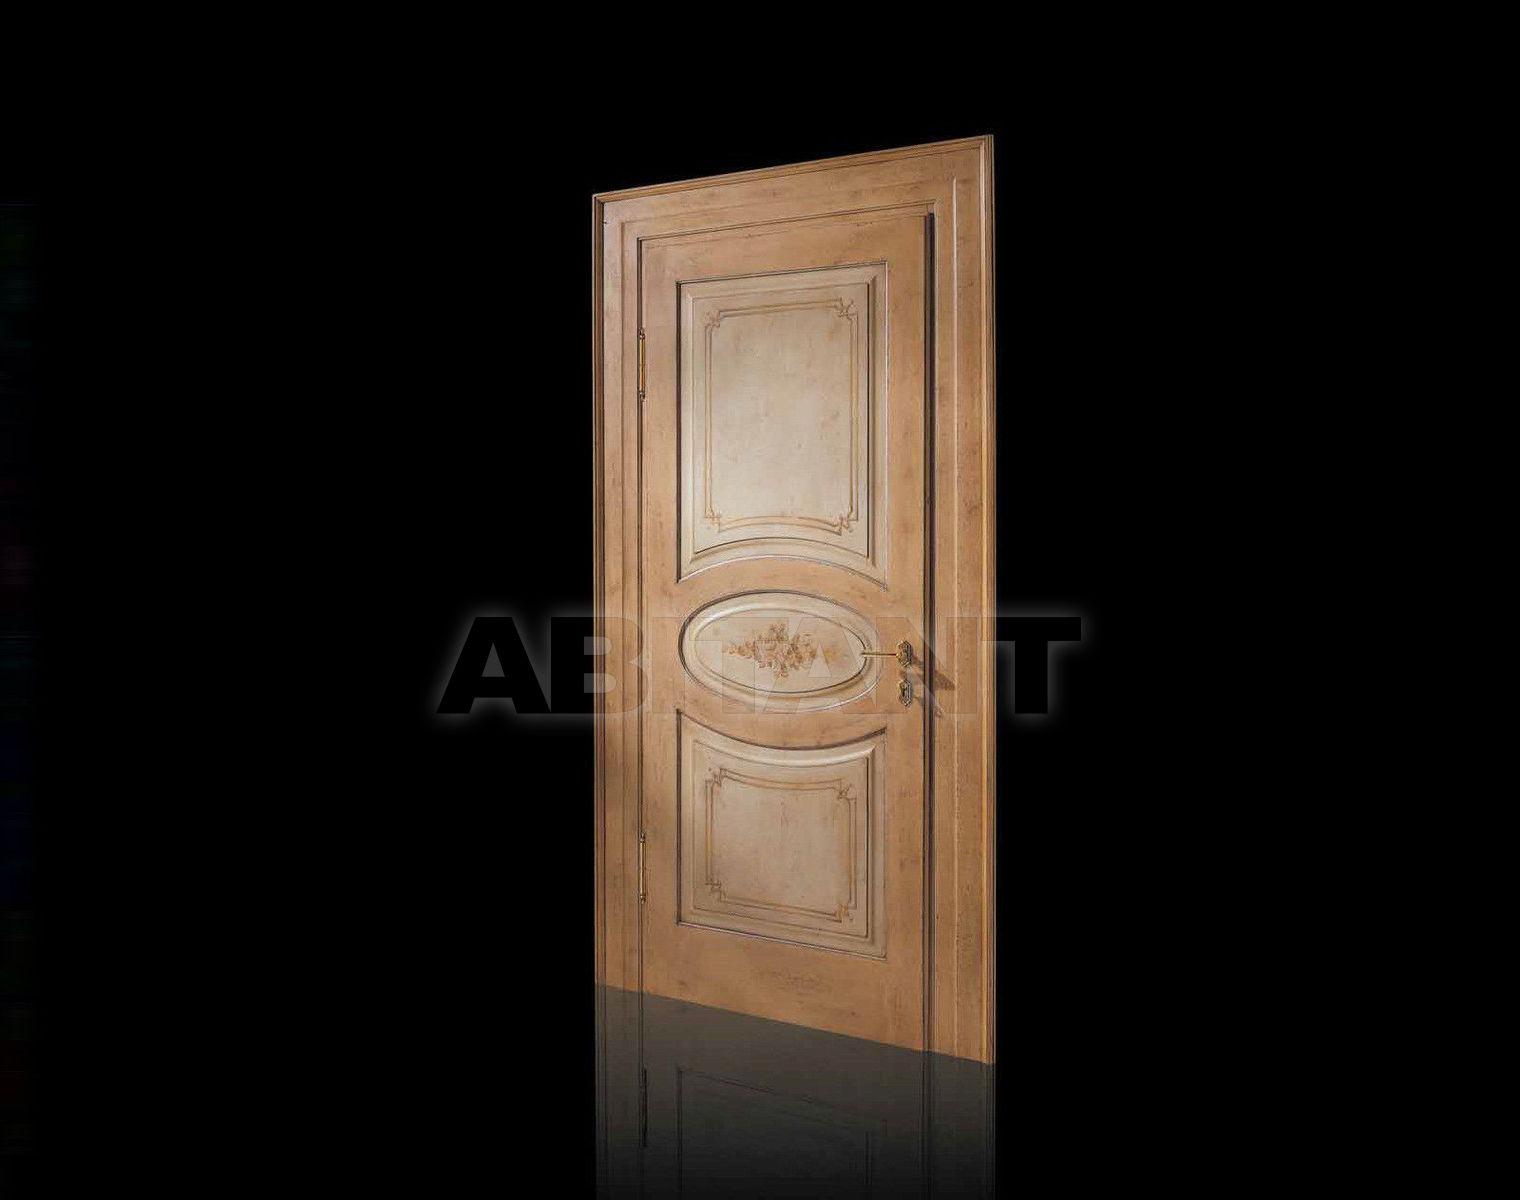 Купить Дверь деревянная F.lli Corso Srl Luxury P02-A